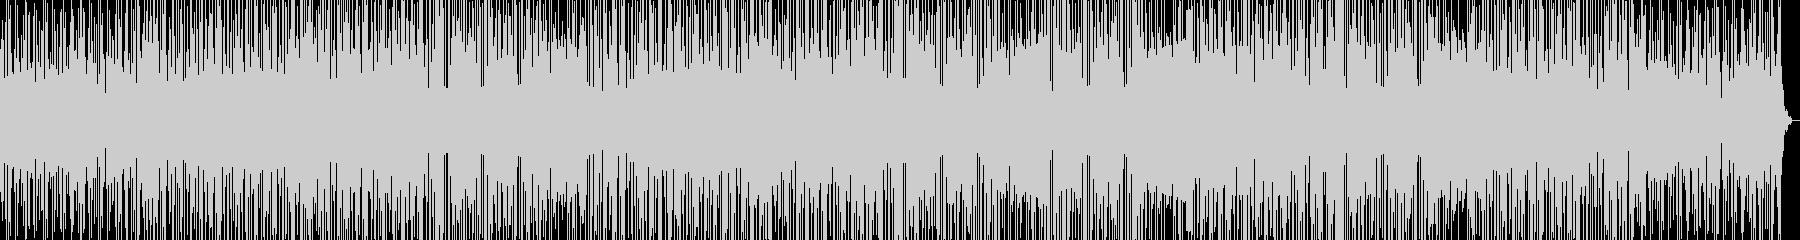 ゆったり系エレポップの未再生の波形